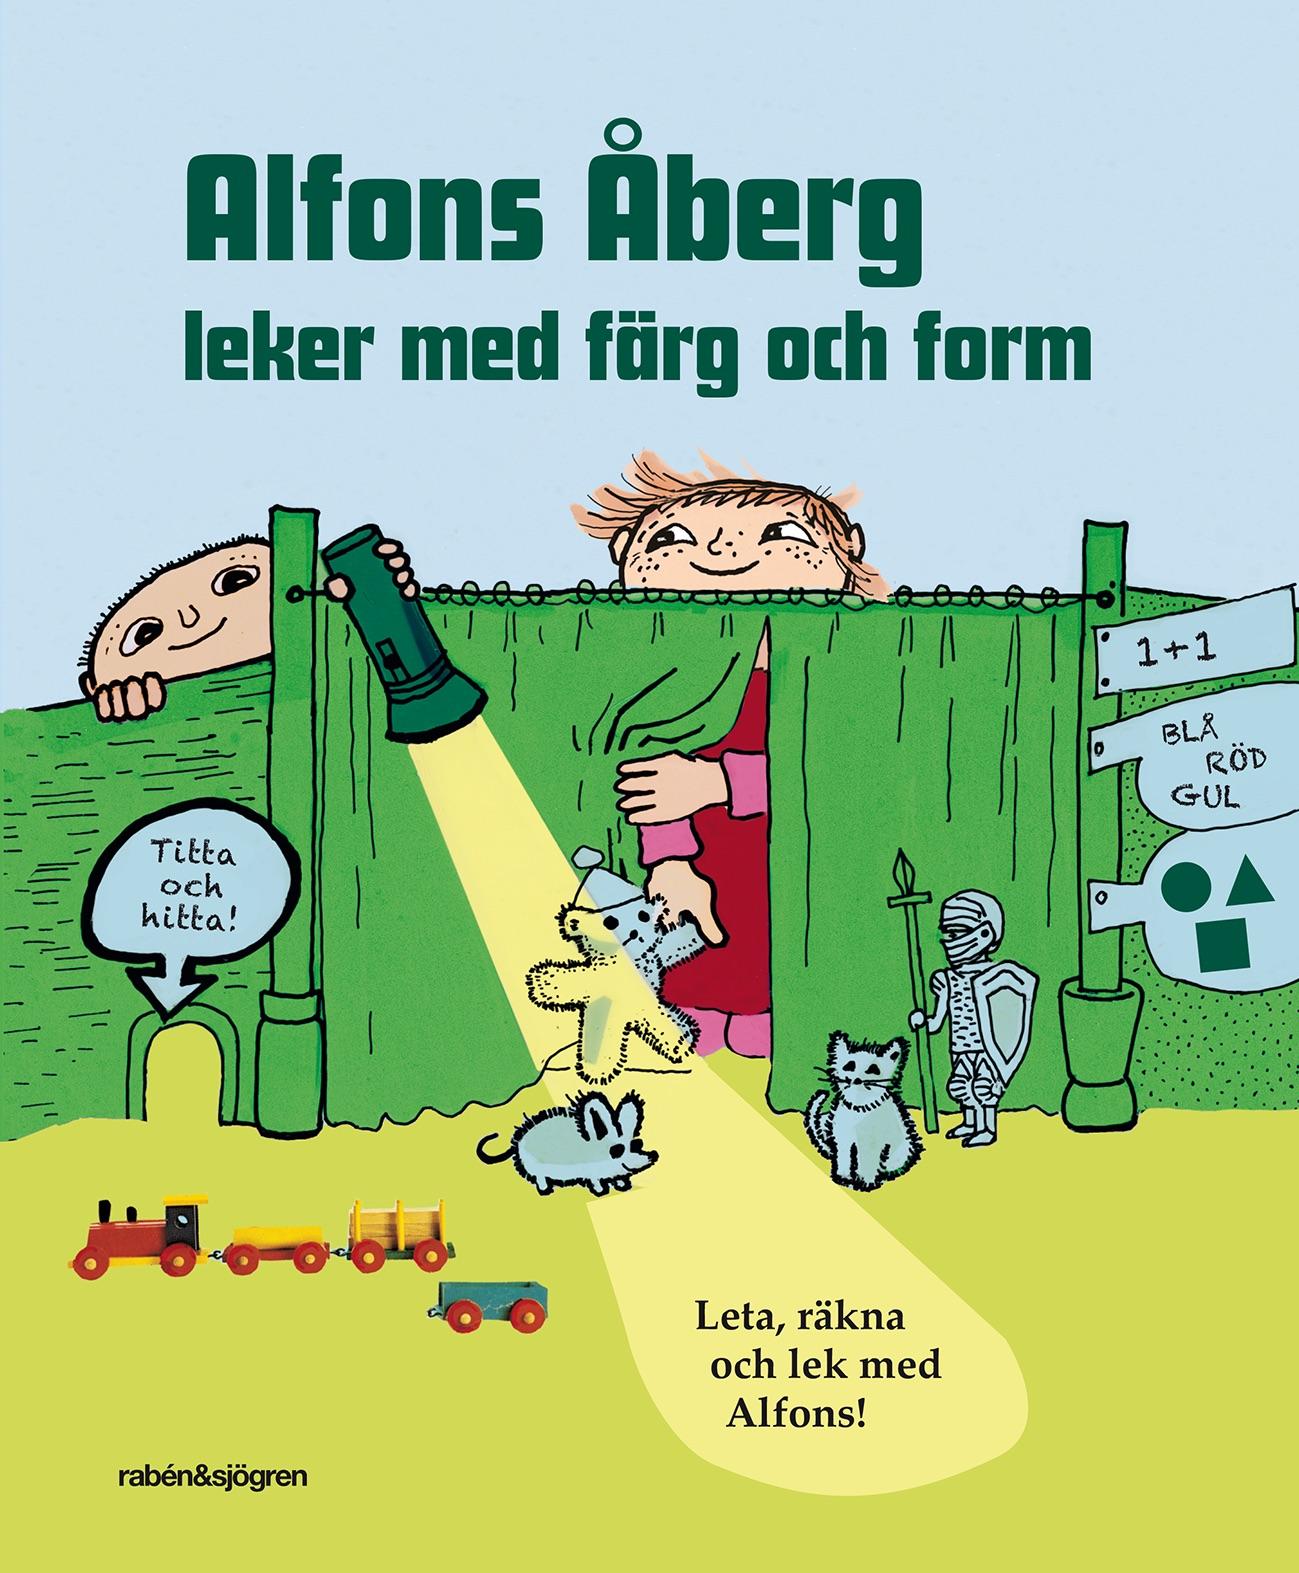 Alfons Åberg lek med färg och form